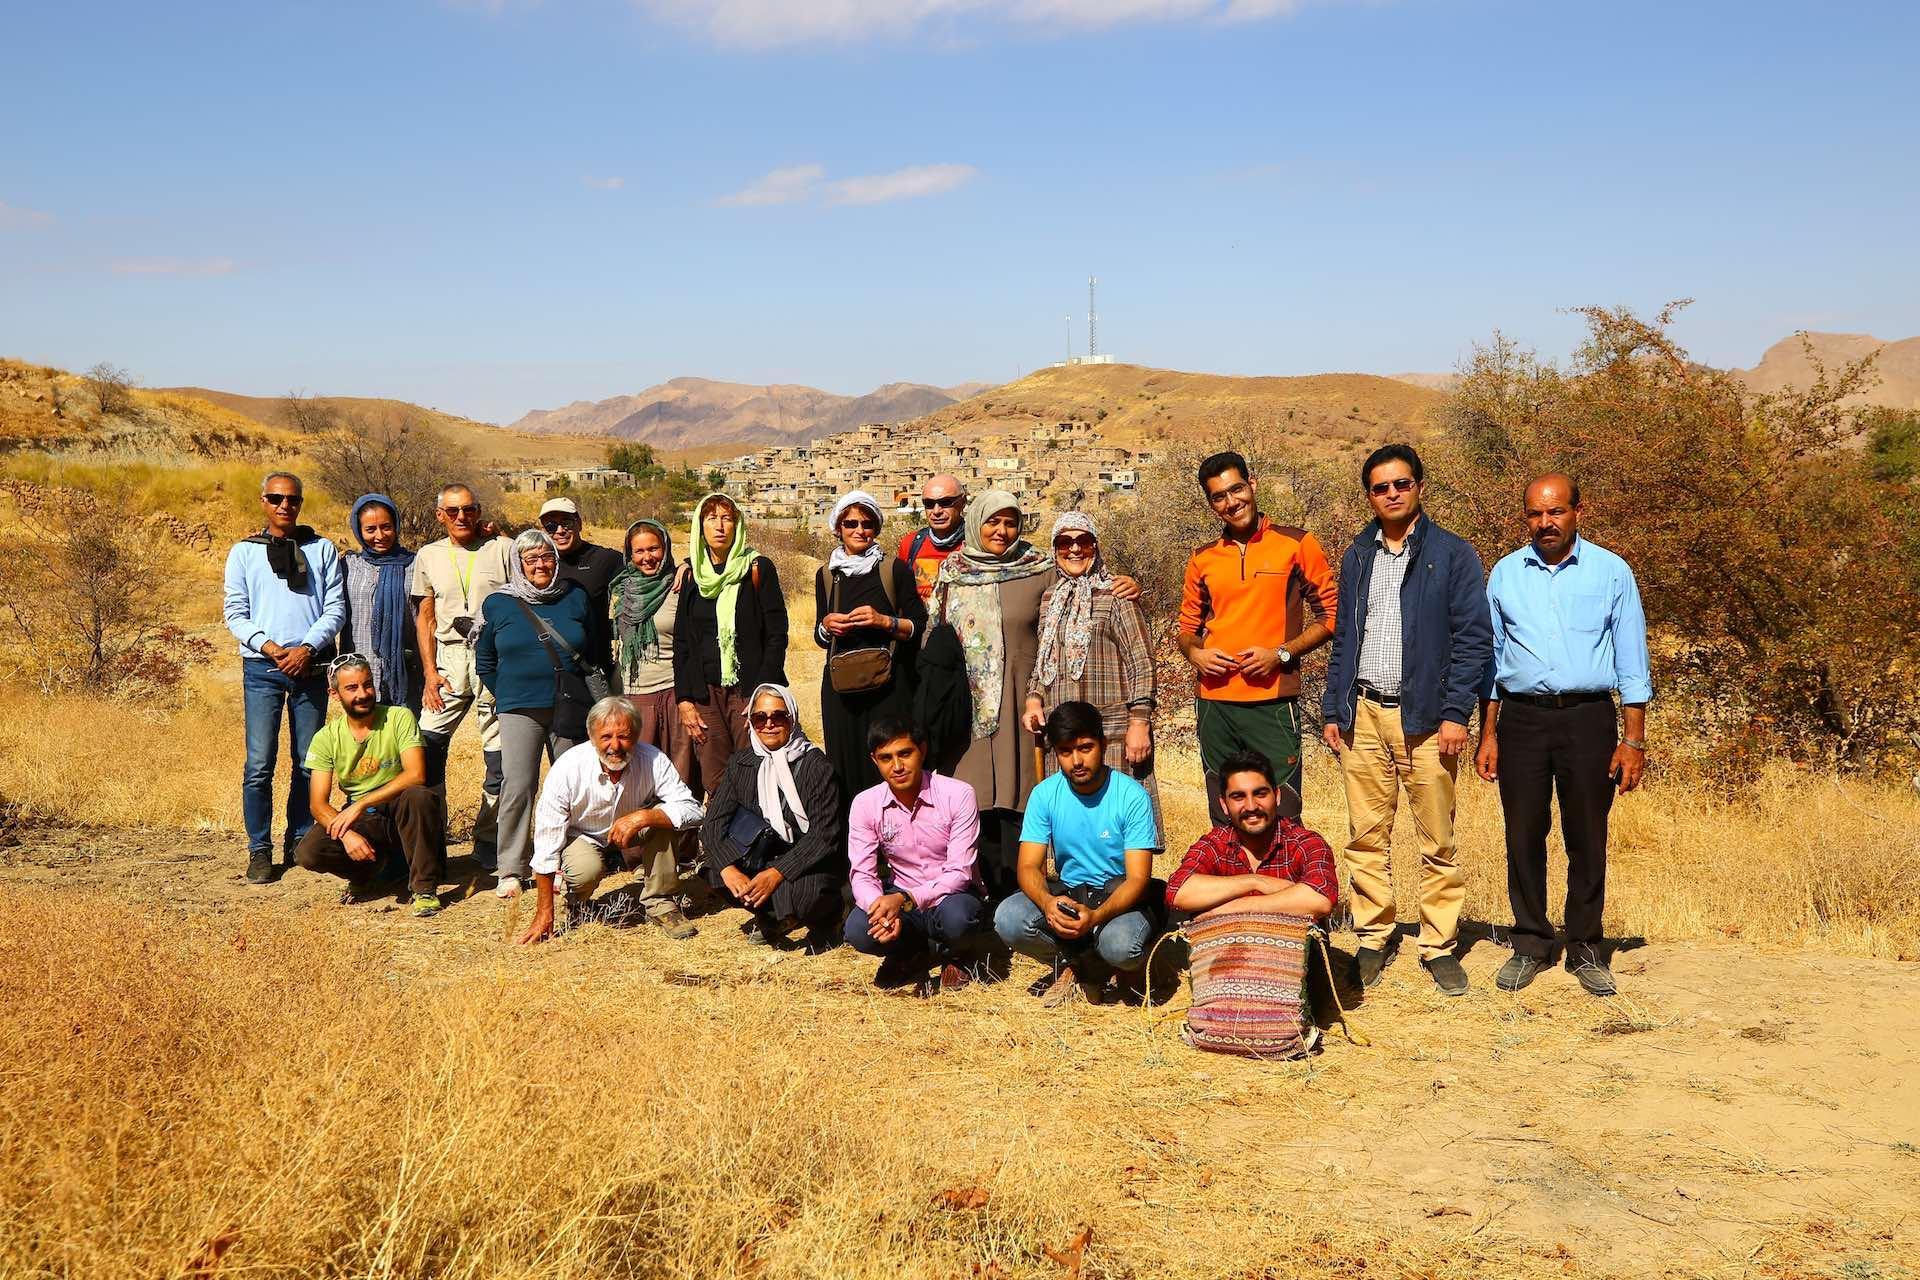 viaggio_in_Iran_alla_scoperta_dello_zafferano_iraniano_1.jpg